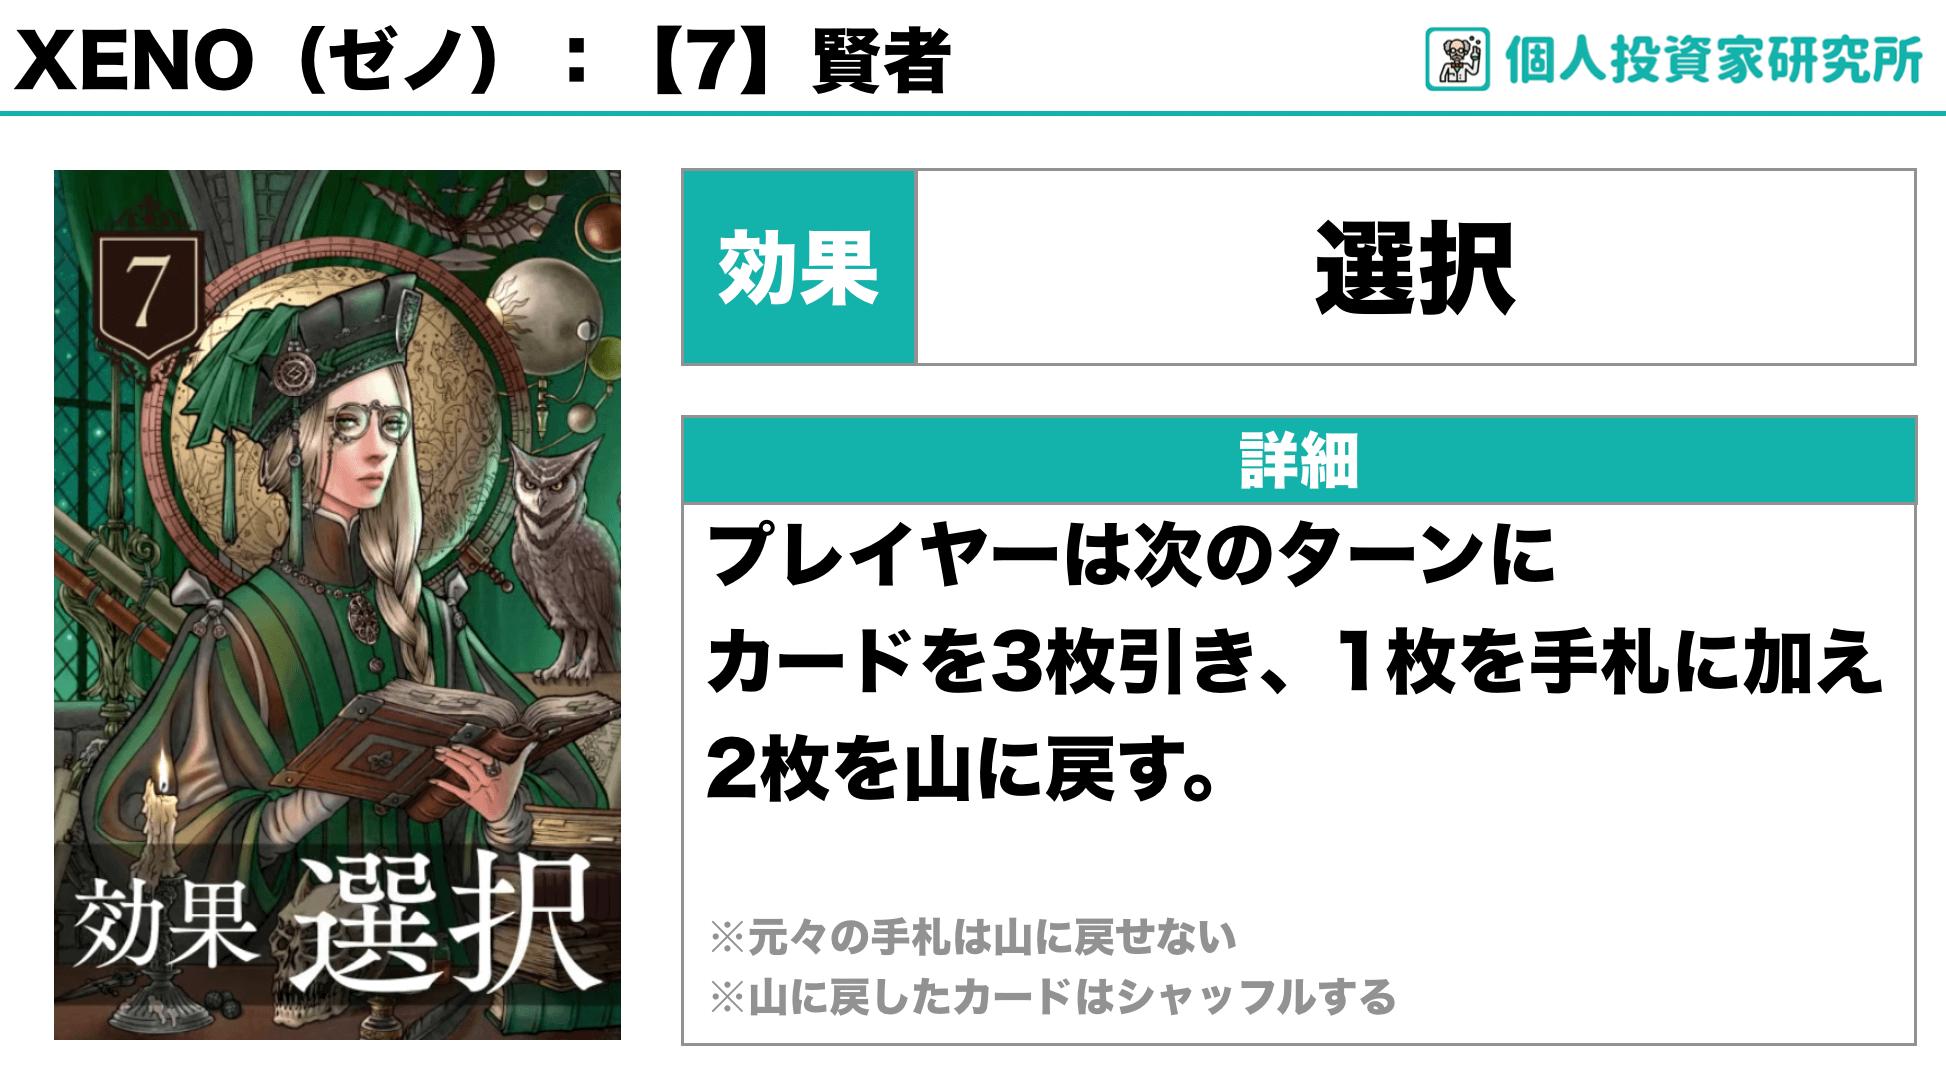 【ルール_カードの効果】中田敦彦さん考案のカードゲーム・XENO(ゼノ)7